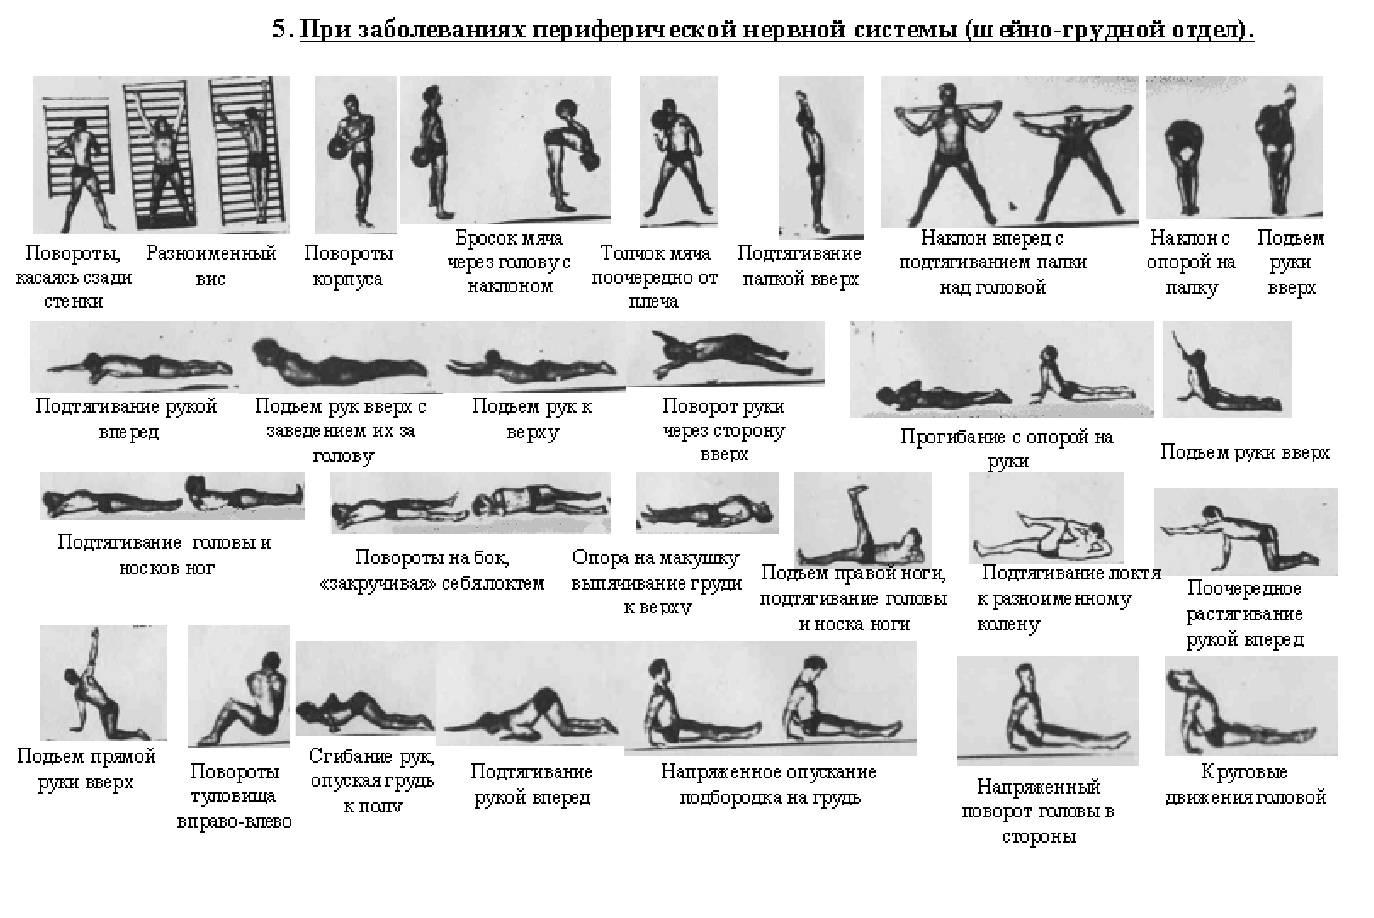 Упражнения на задний пучок дельты в картинках варочные печи